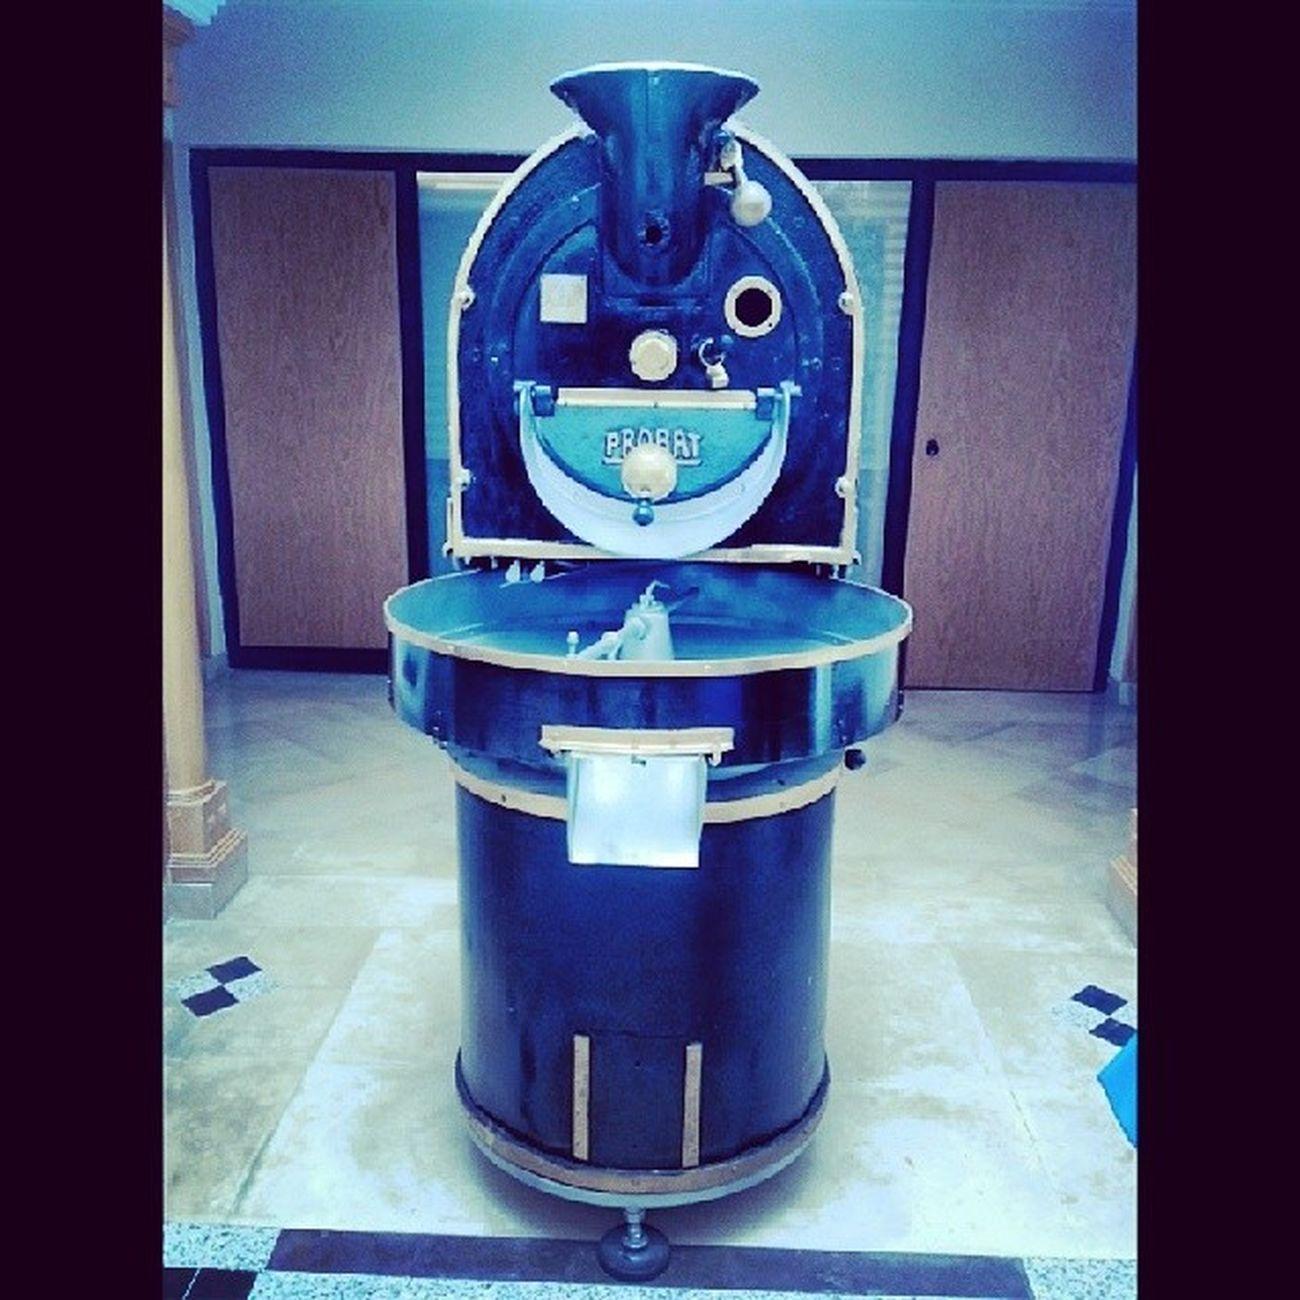 A quoi pourrait bien servir cette machine bizarre qui semble nous faire un sourire ... Vintage Machineàcafé Cafesbenyedder Likeforlike